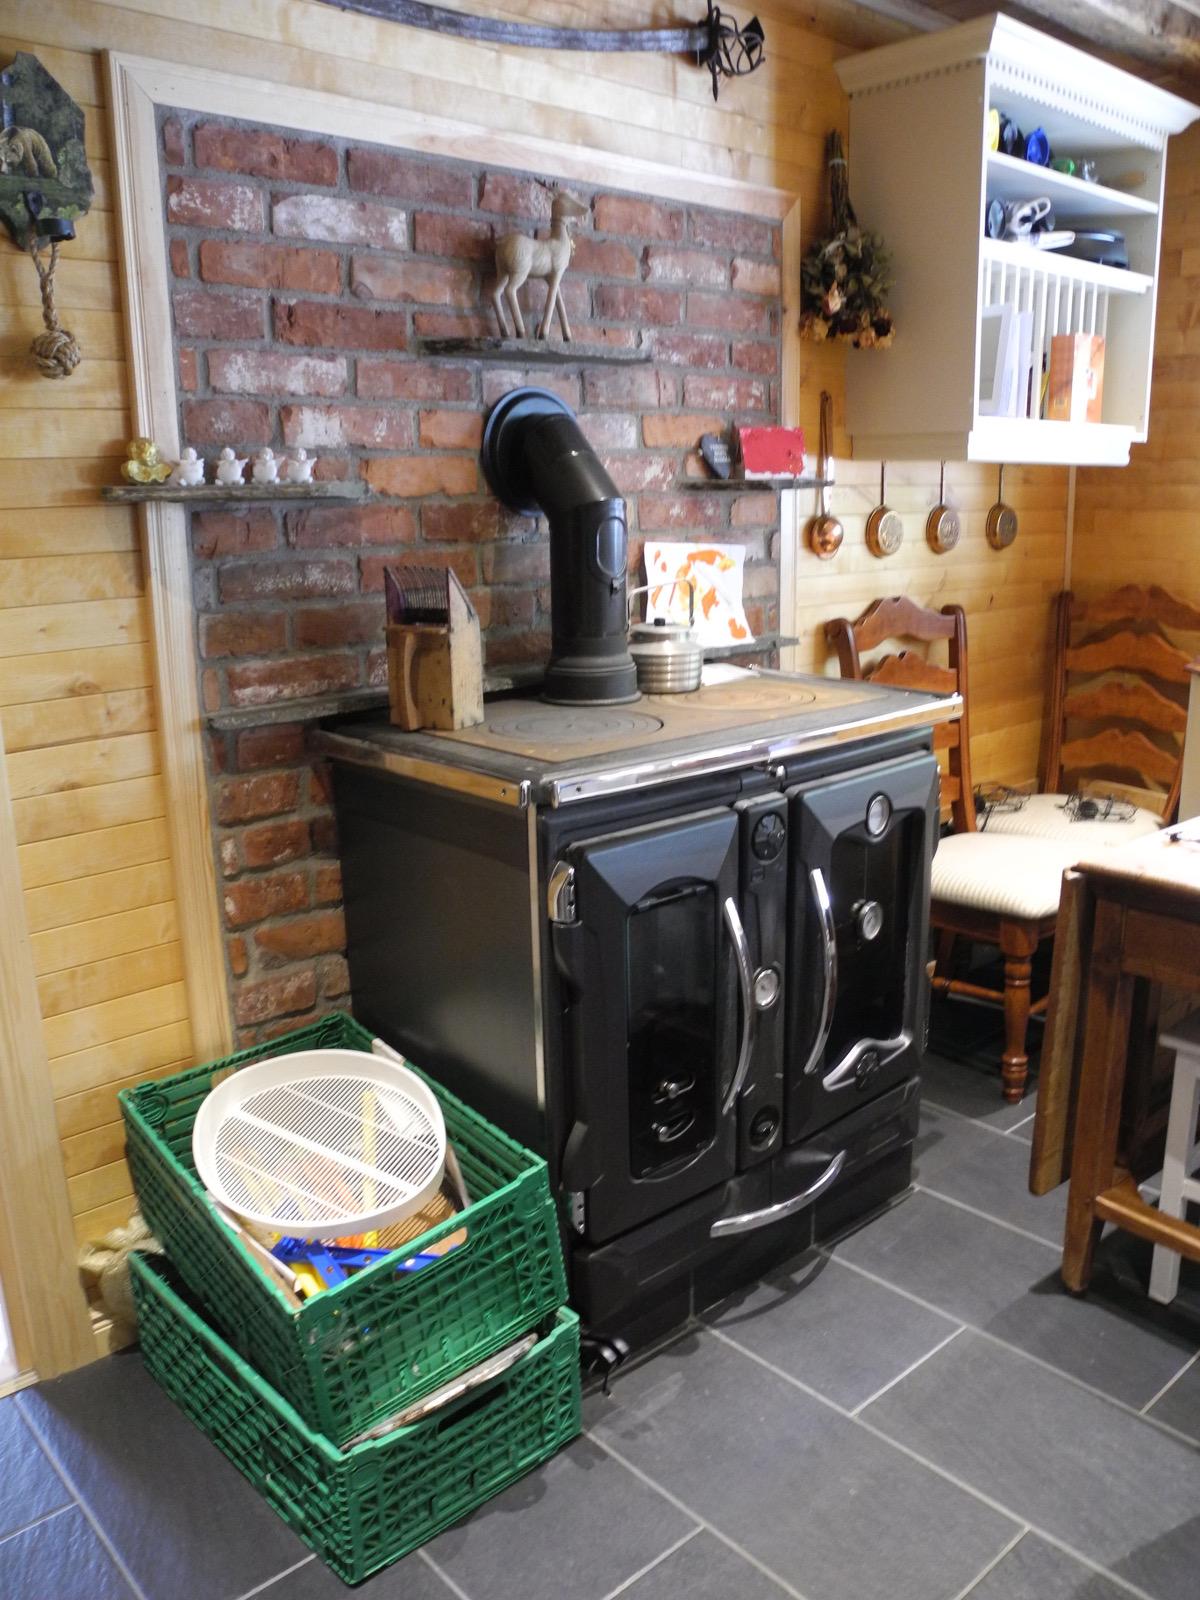 En flott vedkomfyren på kjøkkenet bidrar også til den vannbårne gulvvarmen. (Foto: Per Bjørn Lotherington)